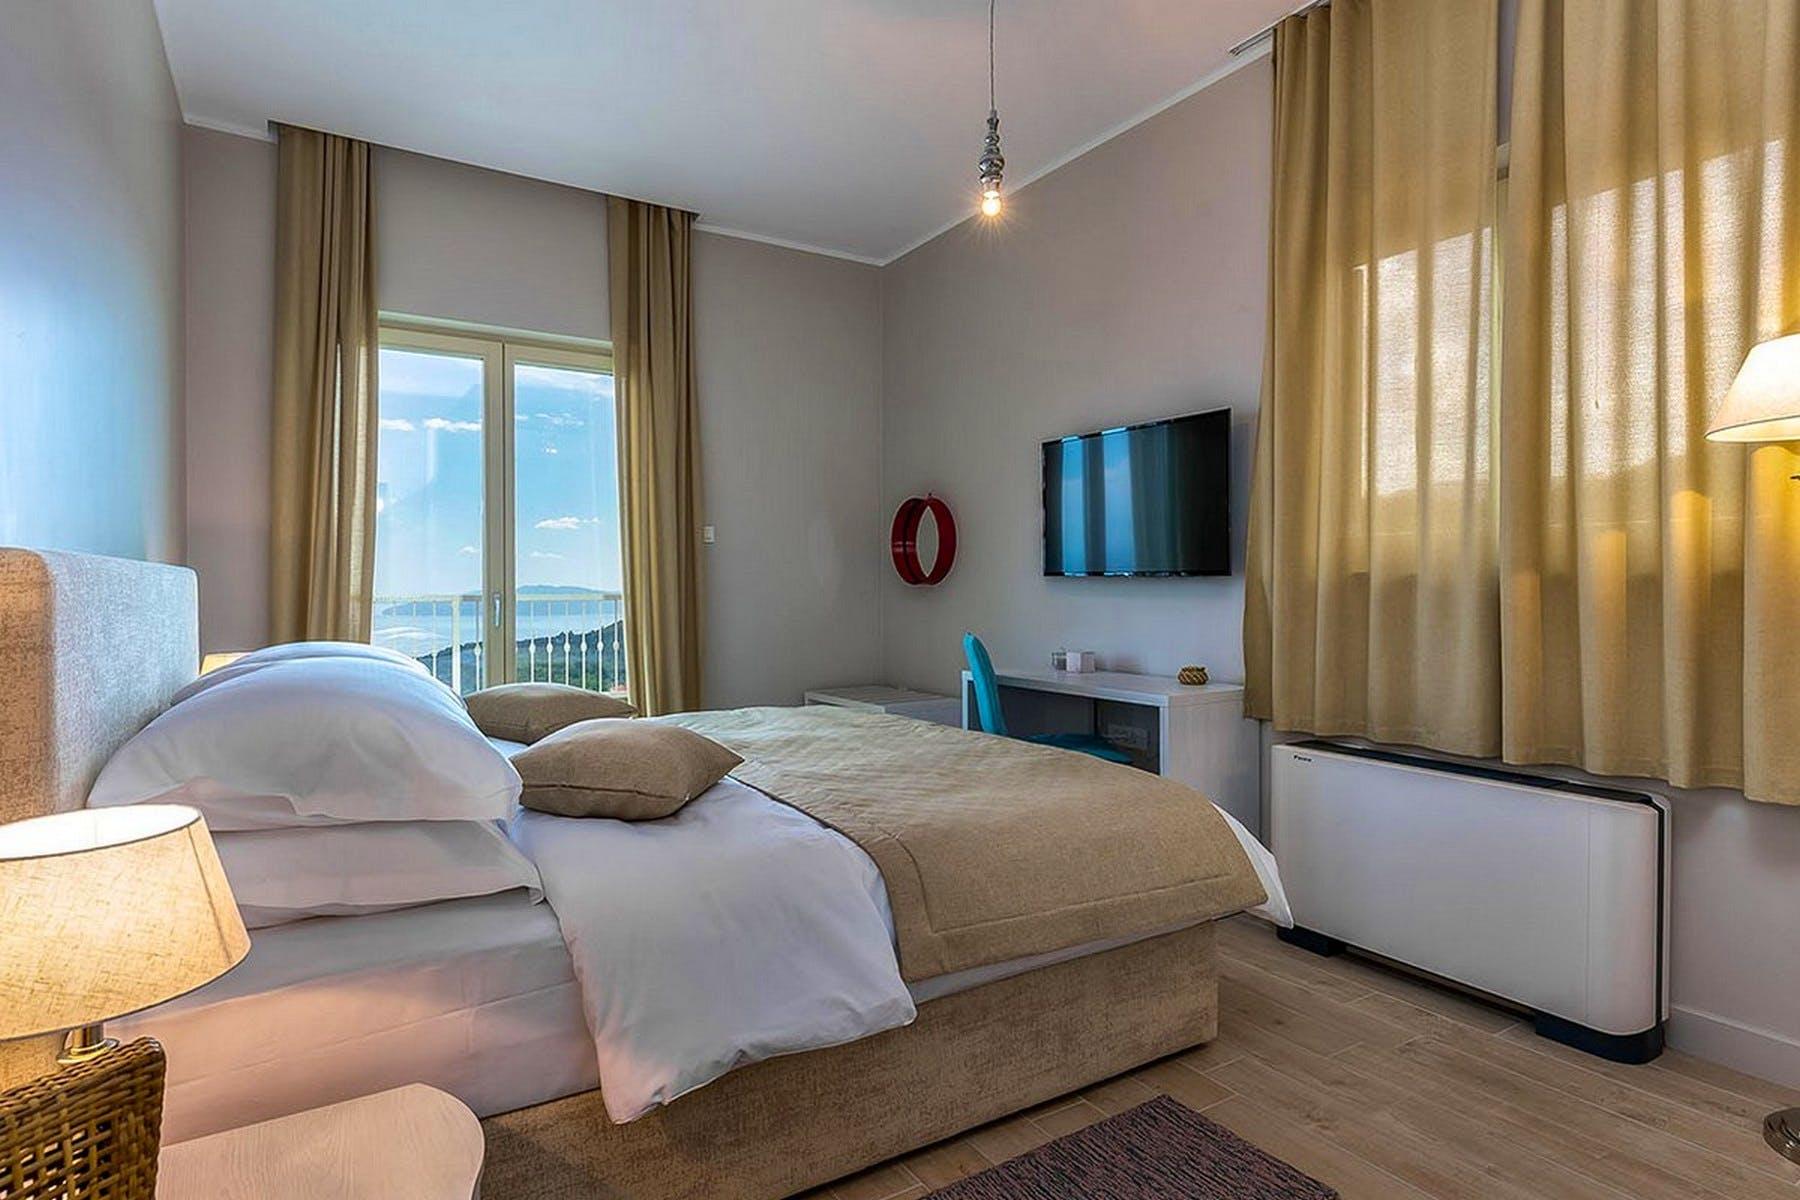 Dvokrevetna soba idealna je za kvalitetan odmor